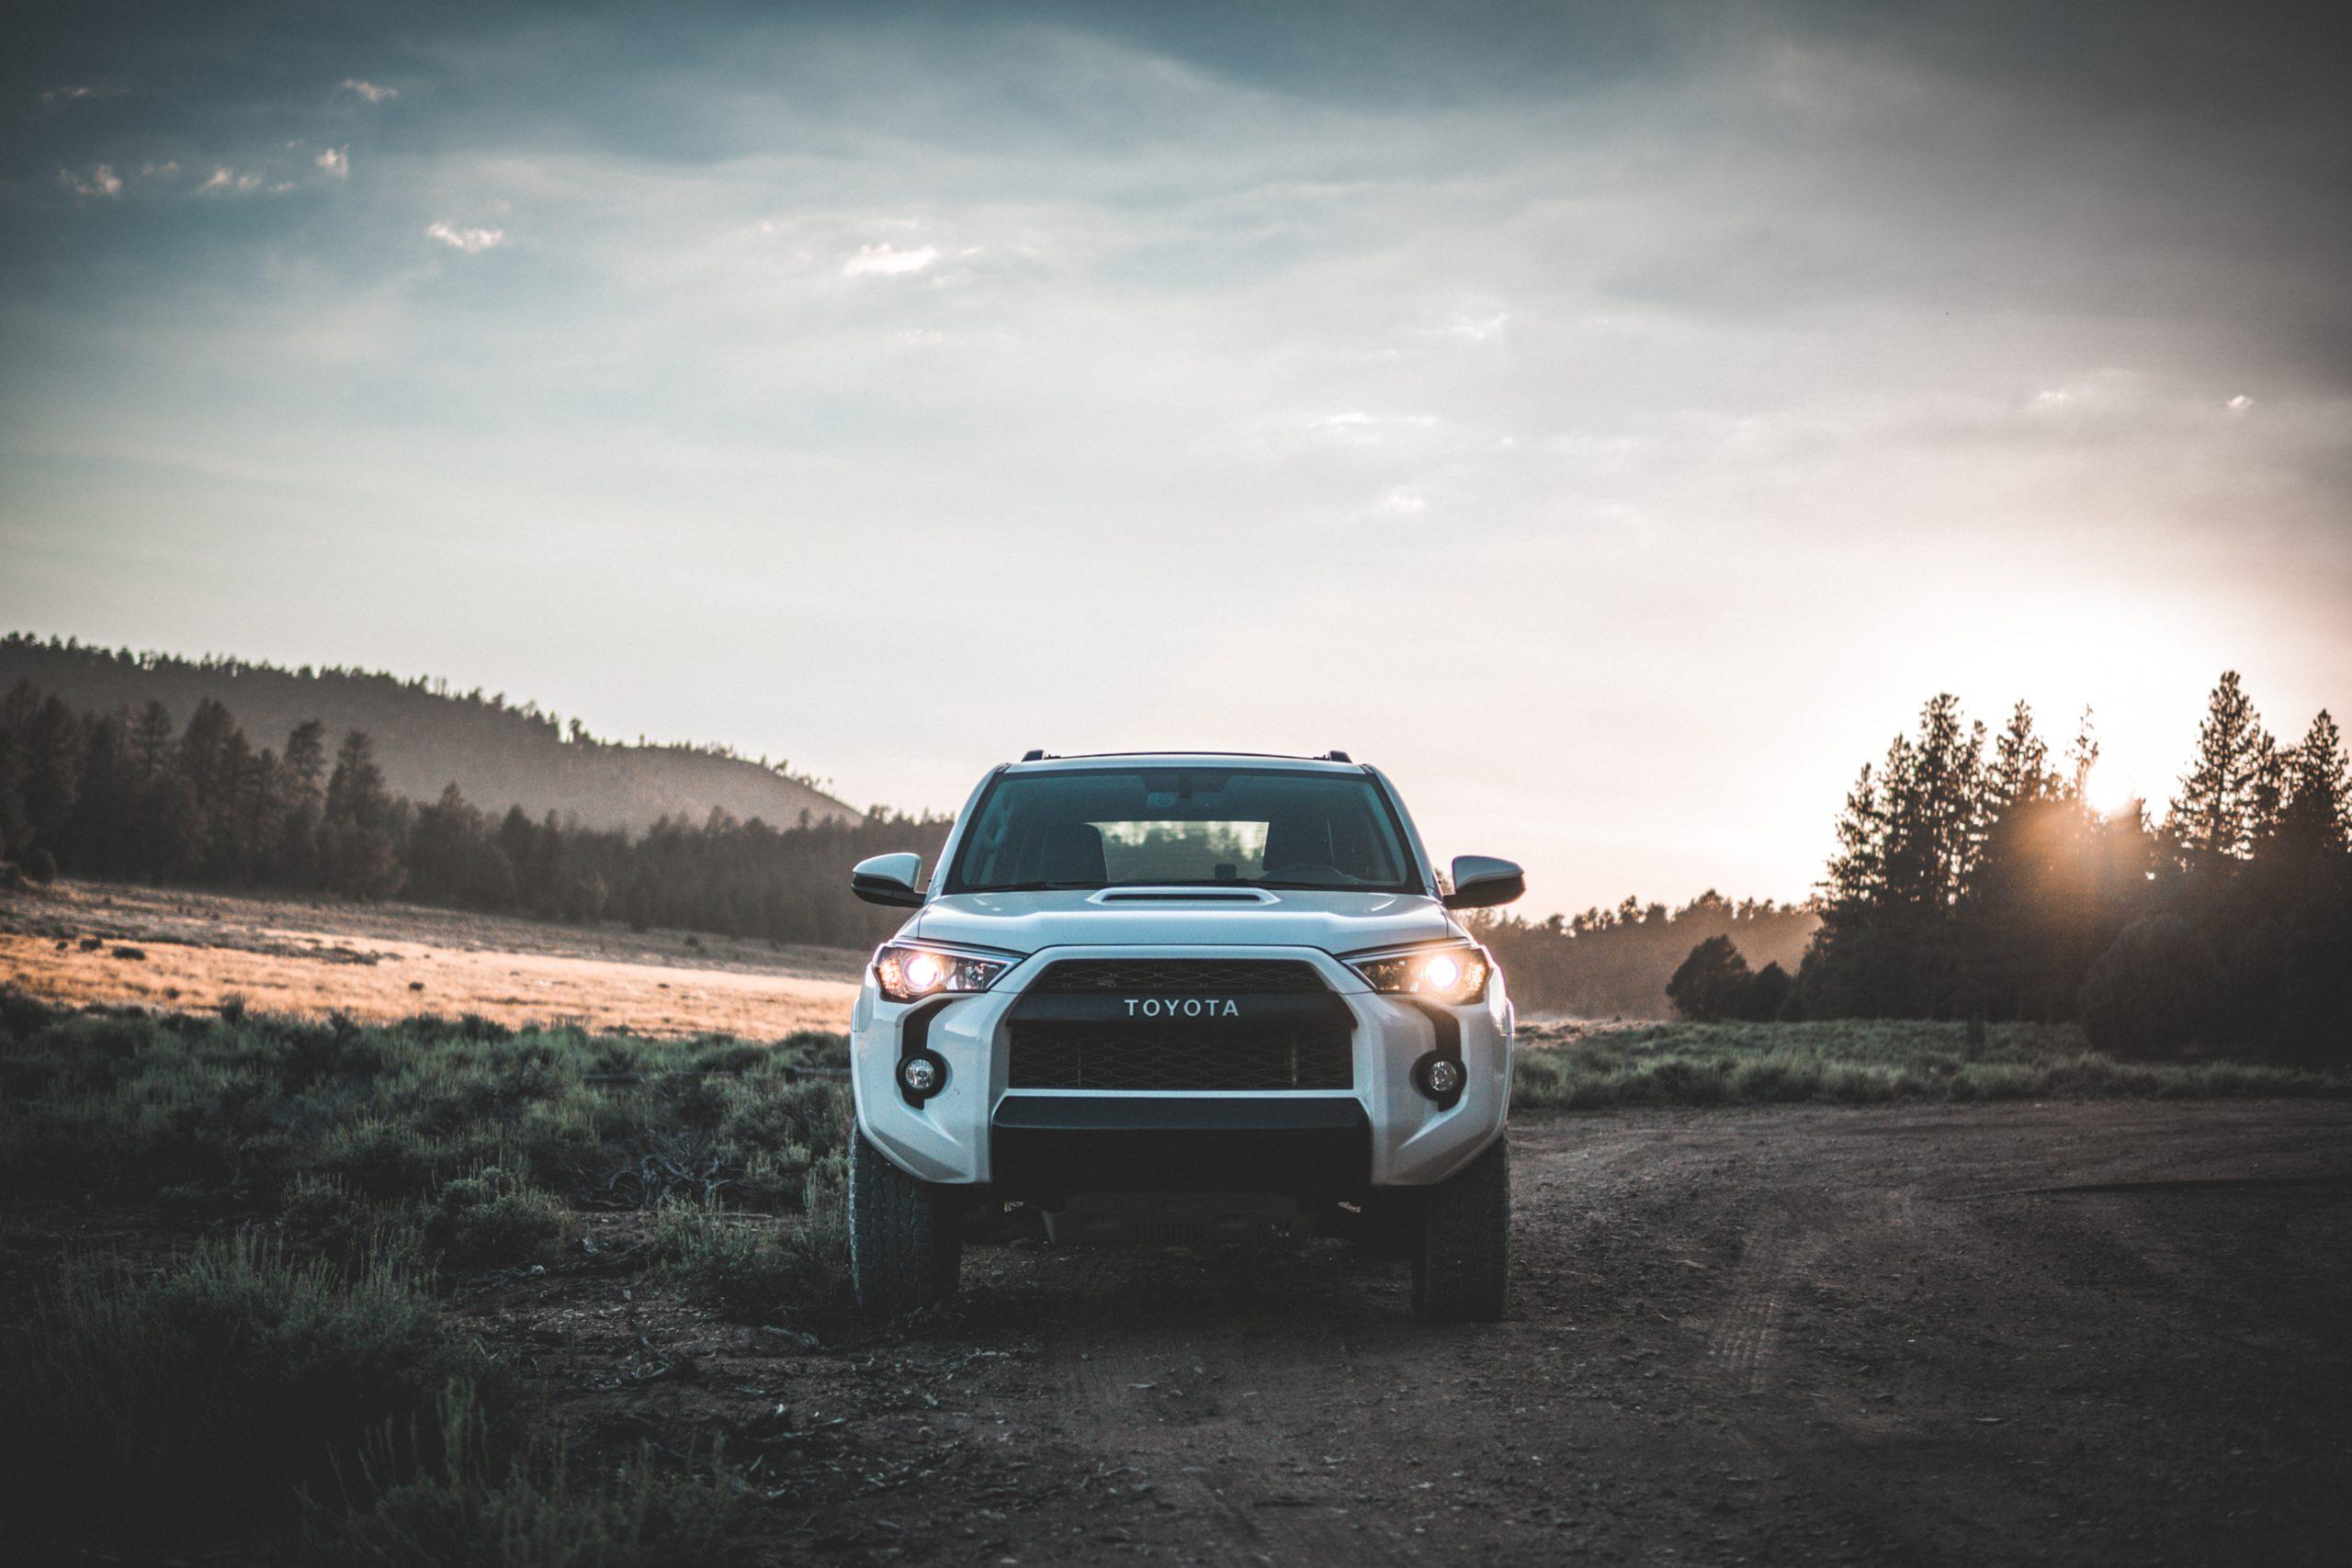 The New Generation Toyota Hybrid SUVs